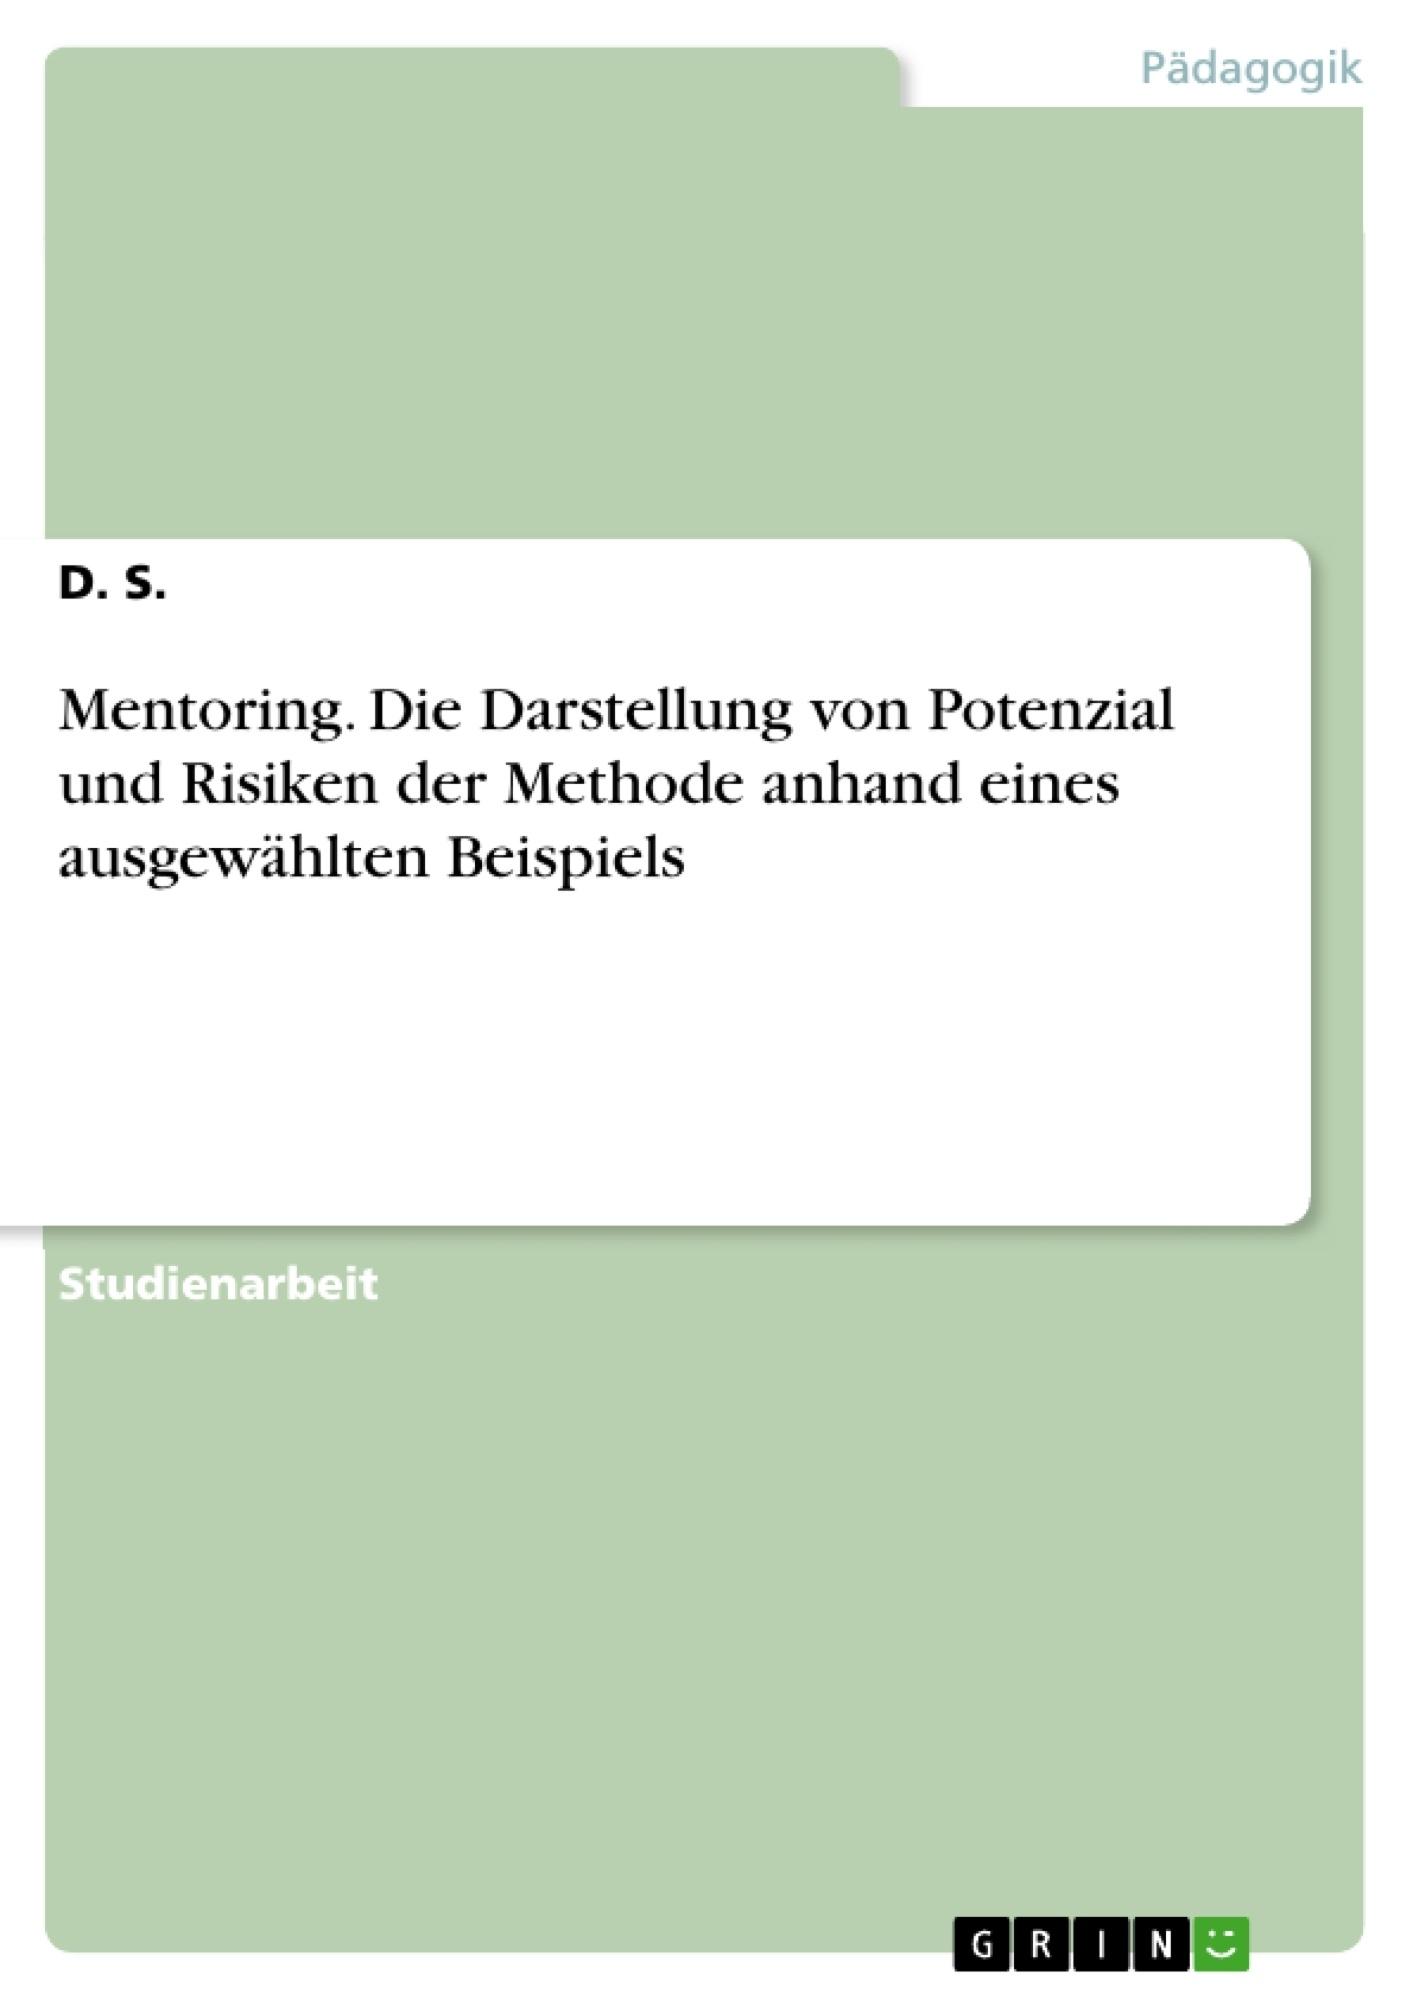 Titel: Mentoring. Die Darstellung von Potenzial und Risiken der Methode anhand eines ausgewählten Beispiels